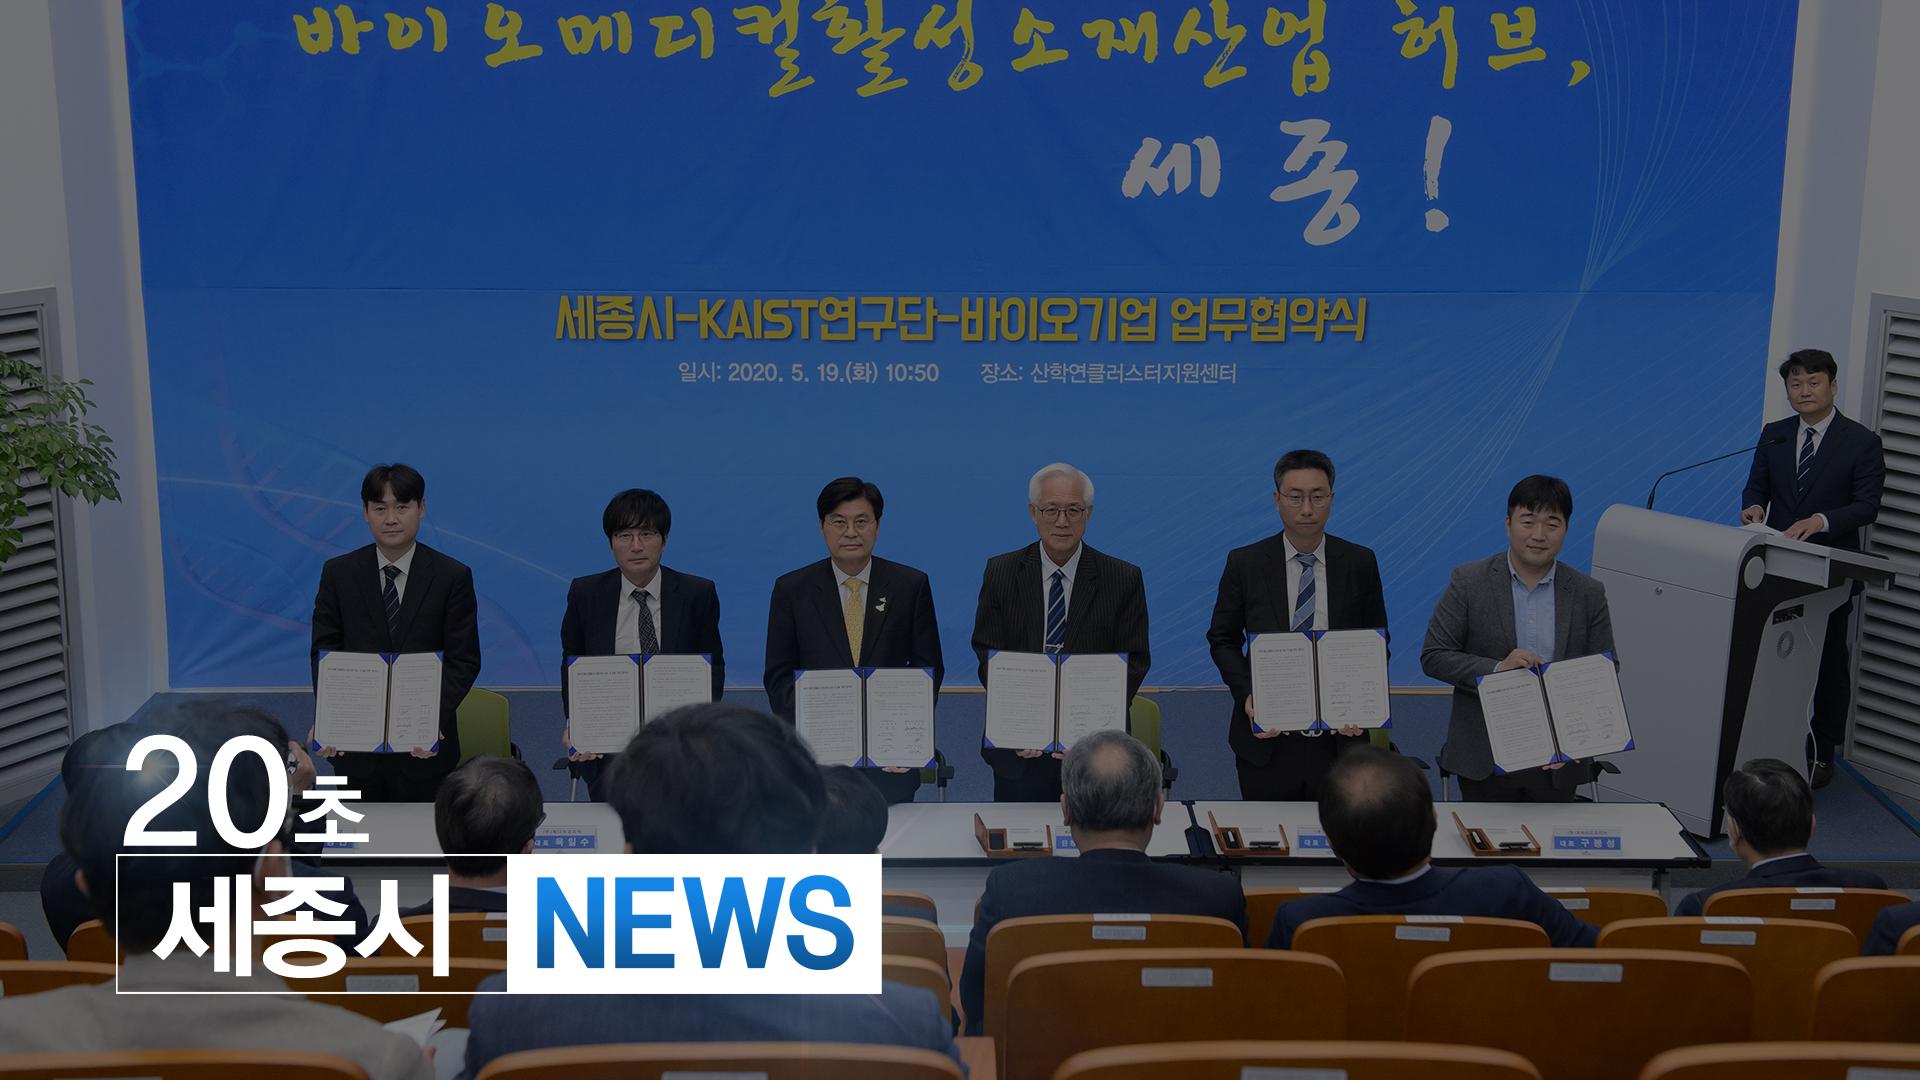 <20초뉴스> 시-KAIST 바이오합성연구단-바이오기업 4개사 협약